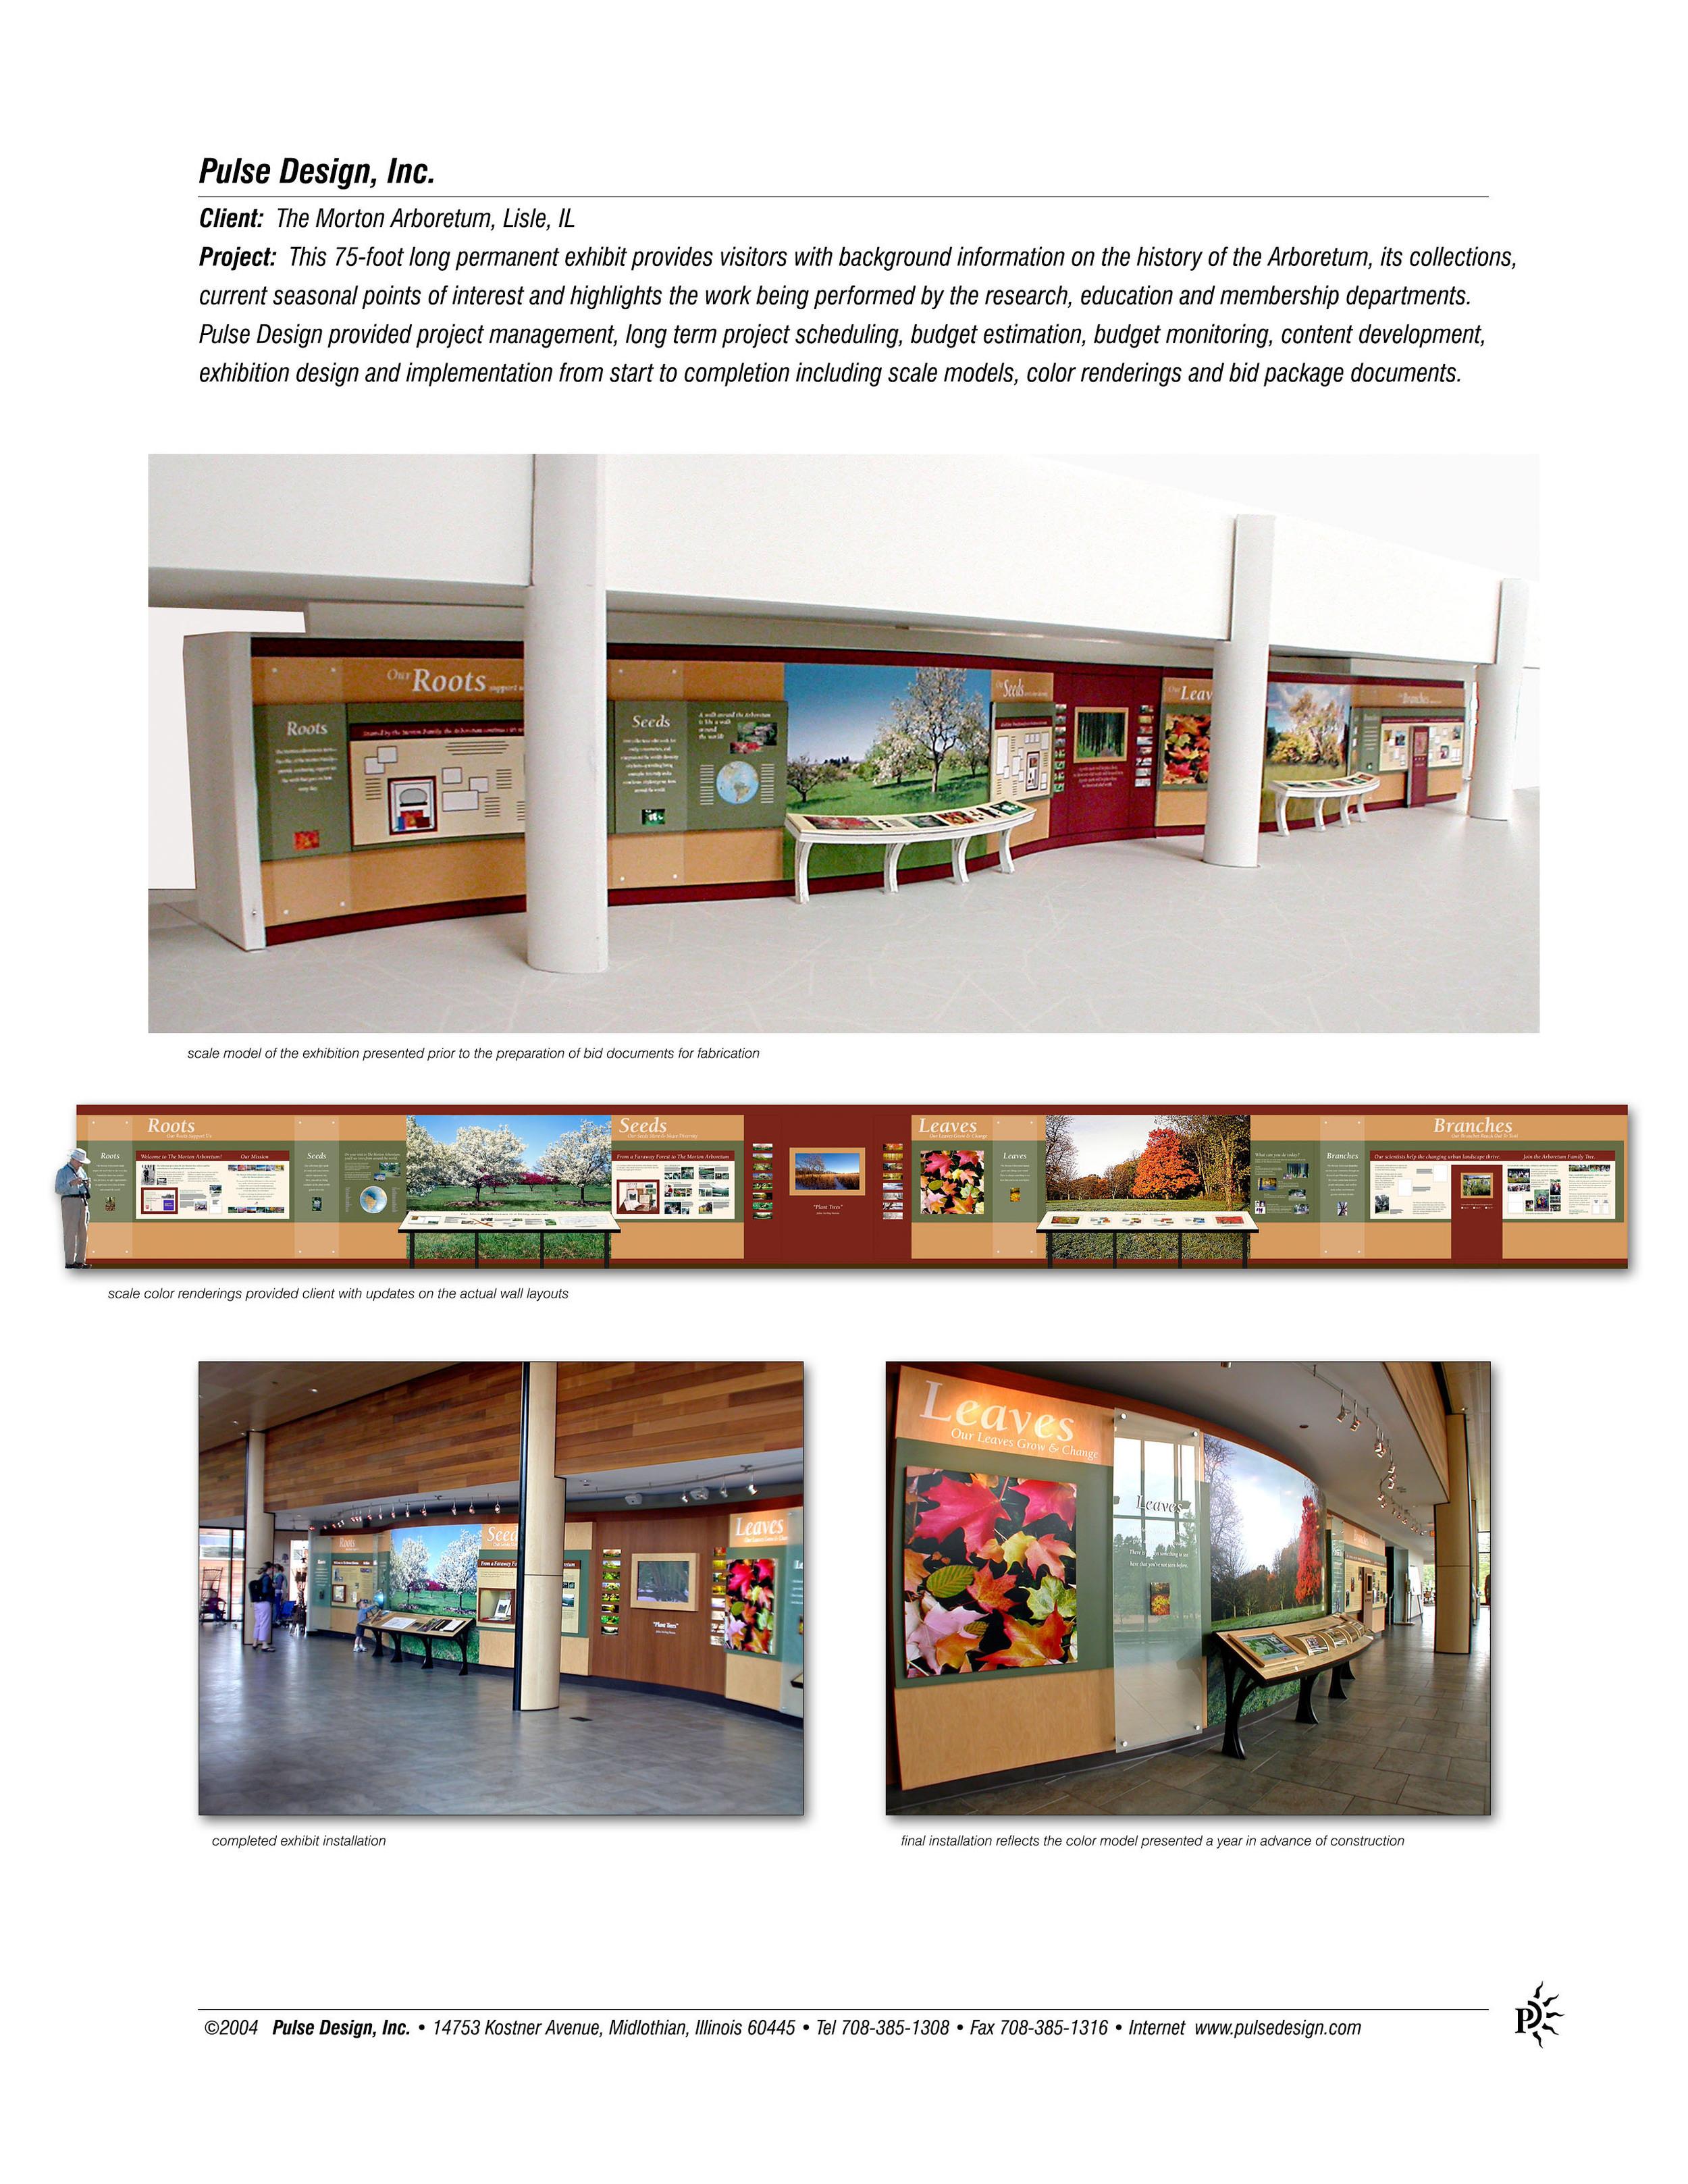 Morton-Arboretum-Exhibit-Wall-2-Pulse-Design-Inc.jpg